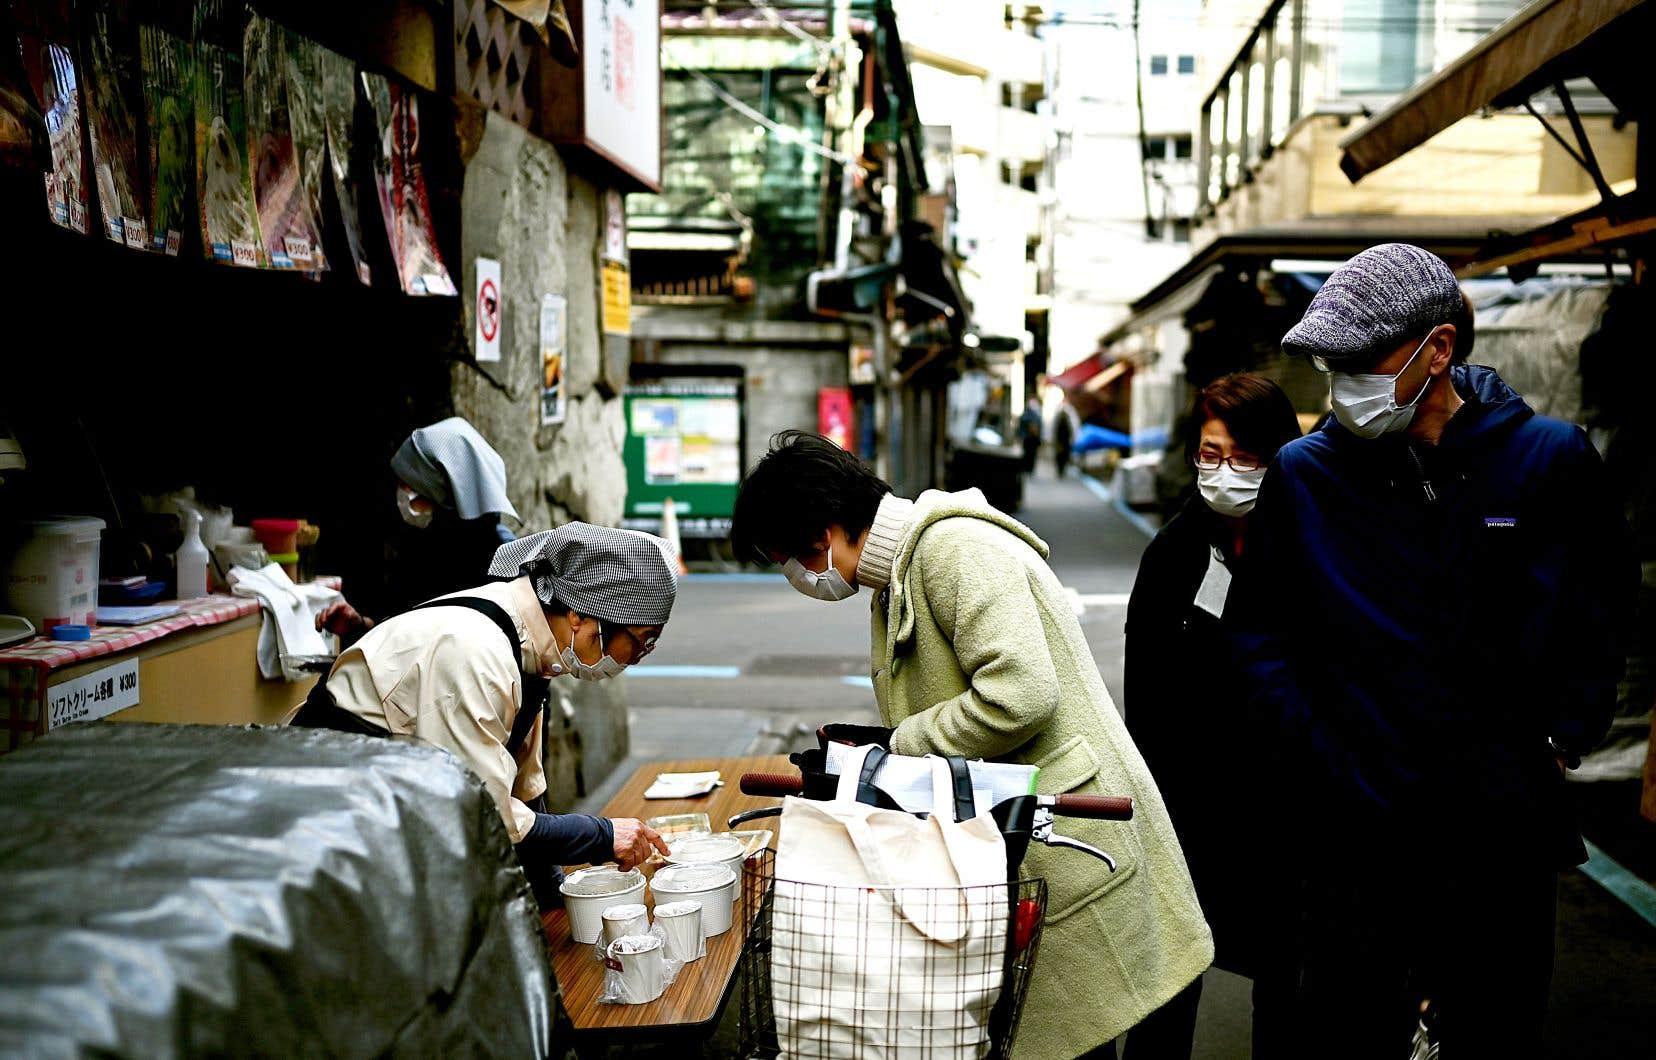 Les Tokyoïtes ont pris des mesures de protection contre le COVID-19 pour vaquer à leurs activités quotidiennes.